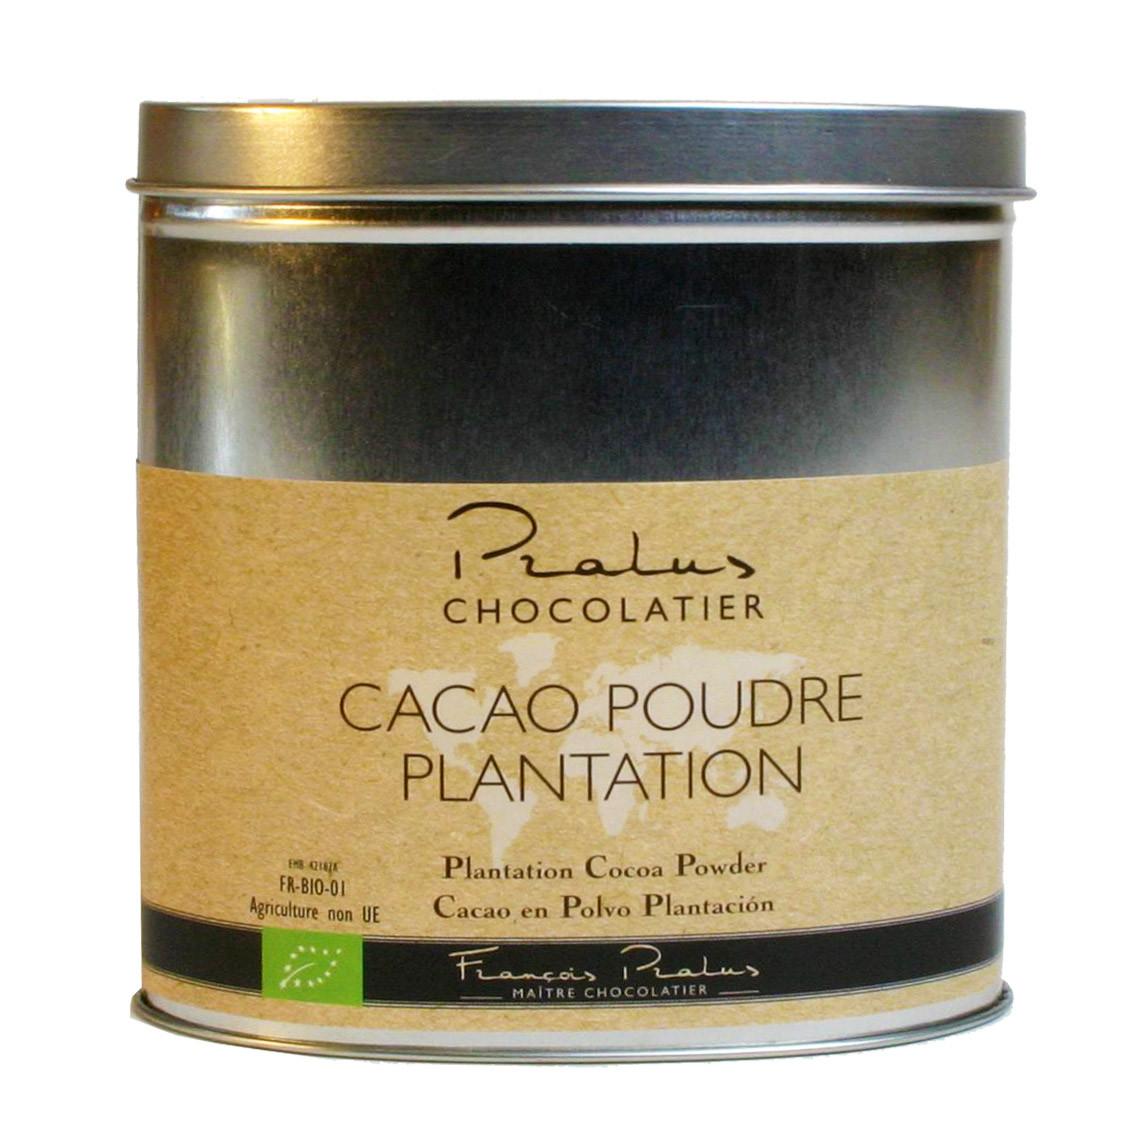 Kakaopulver, Kakaopuder, cocoa powder, poudre de cacao, Bio, organic, Backen, Kochen, schwach entölt - $seoKeywords- Chocolats-De-Luxe